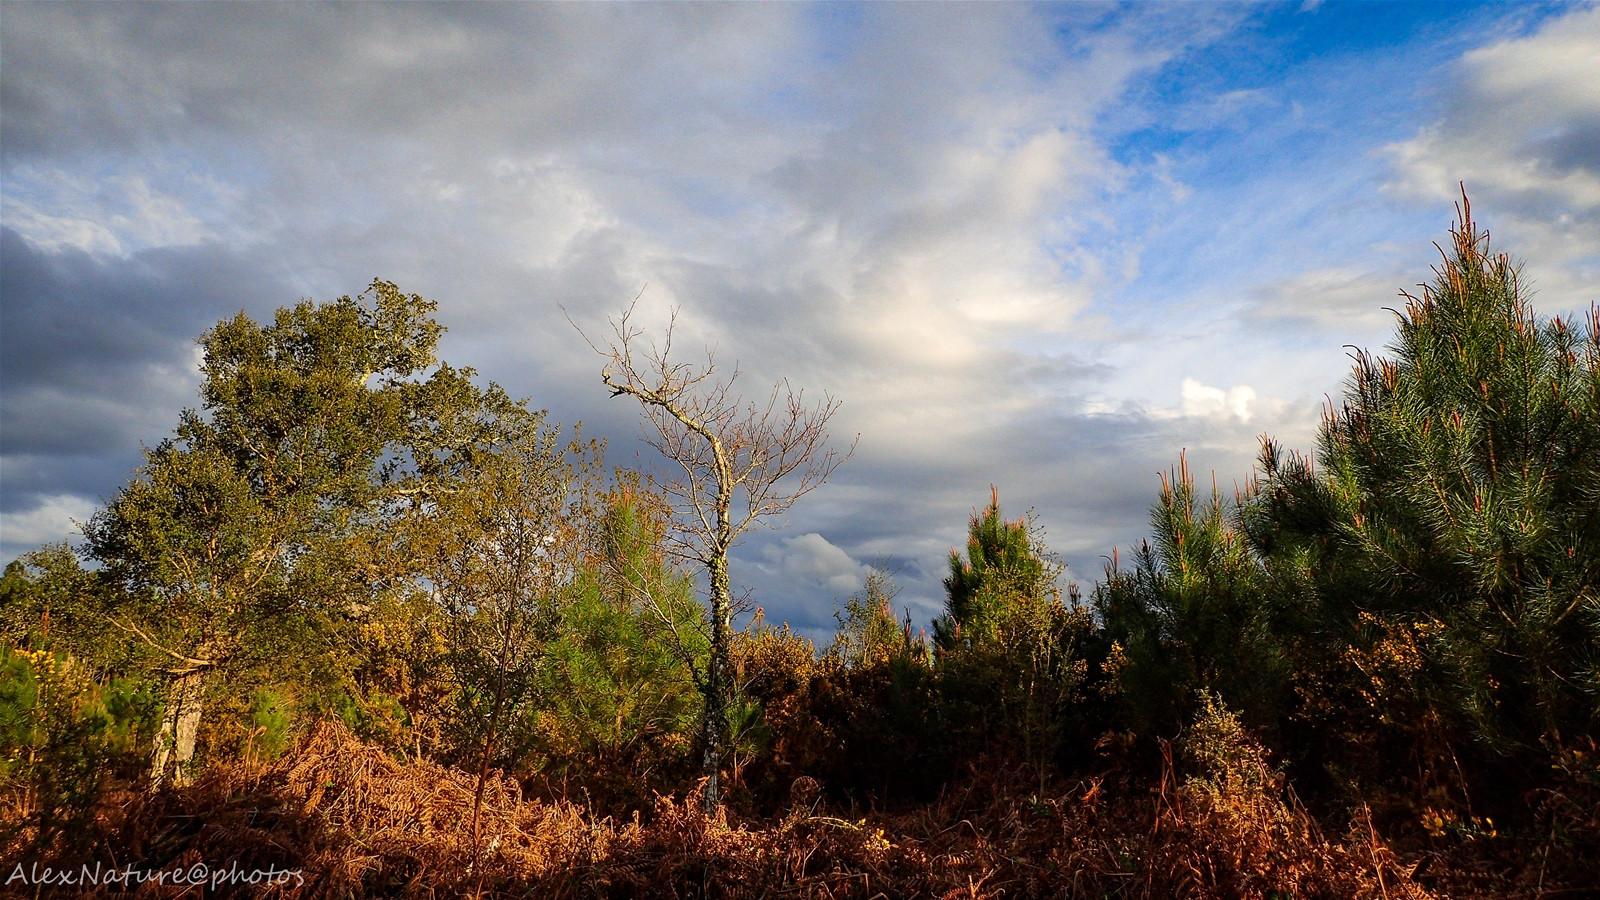 Pluie en prévision sur la forêt landaise